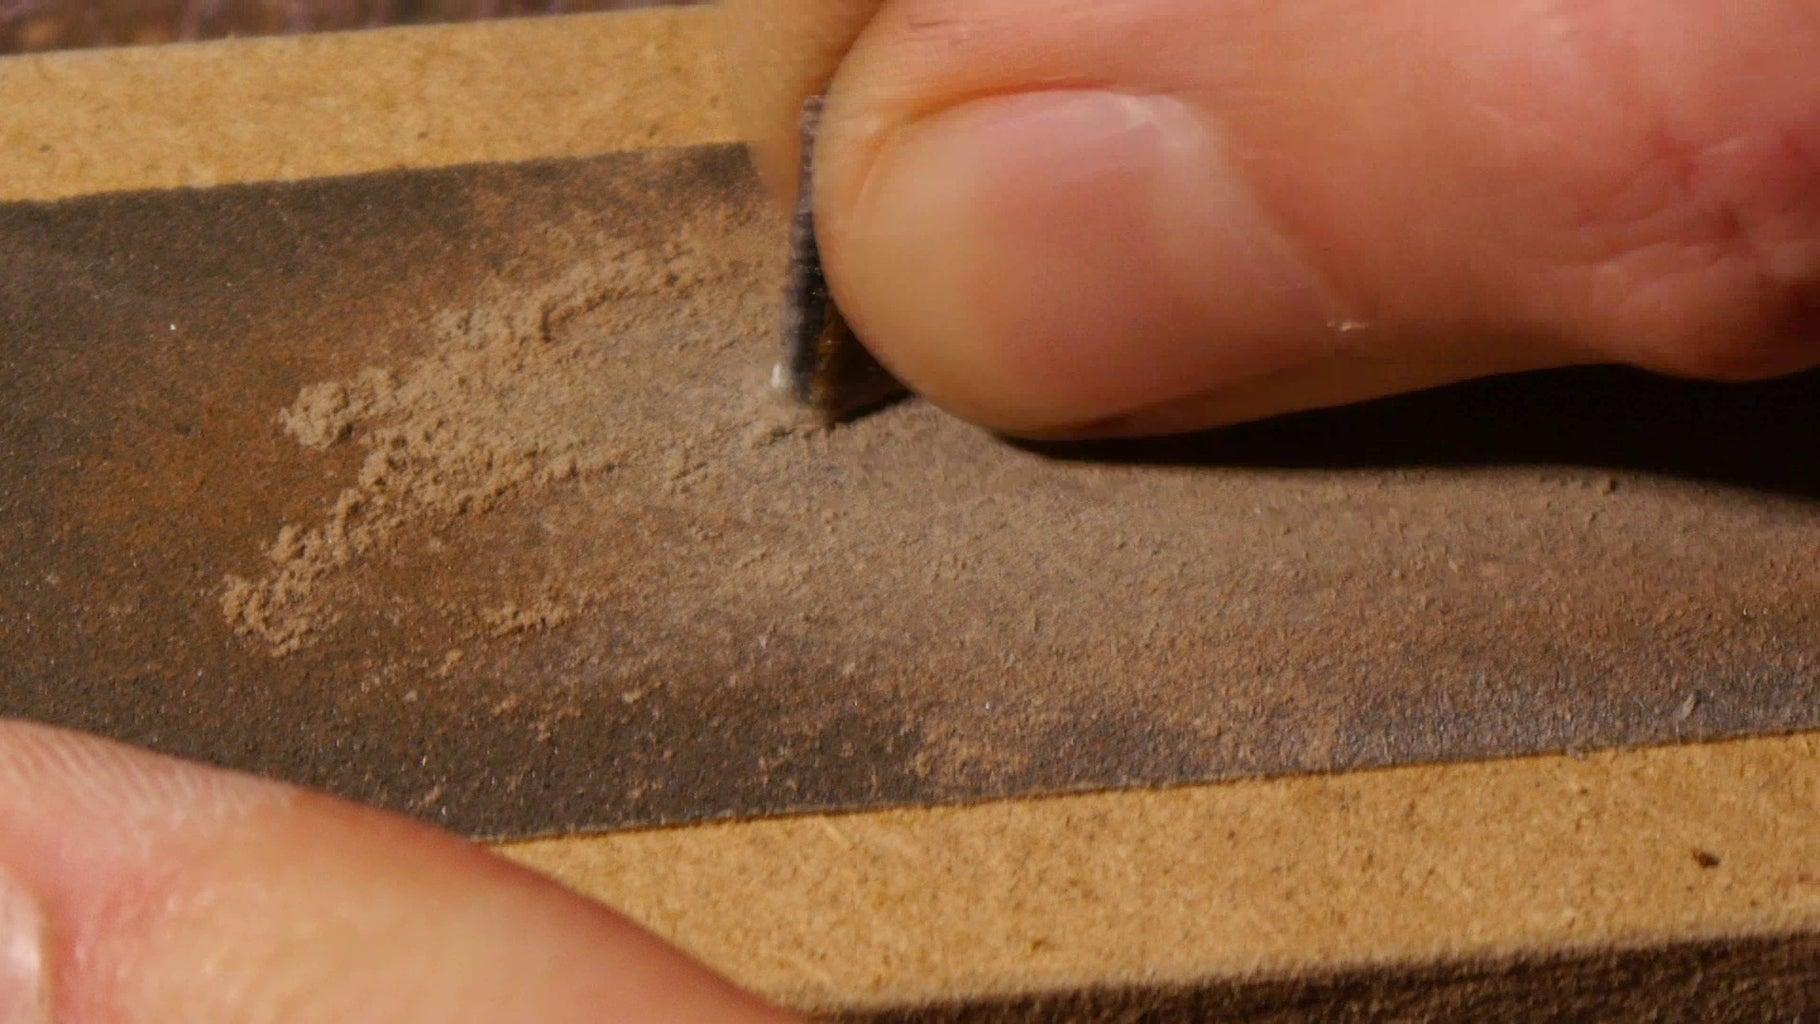 Sanding, Sanding and More Sanding...